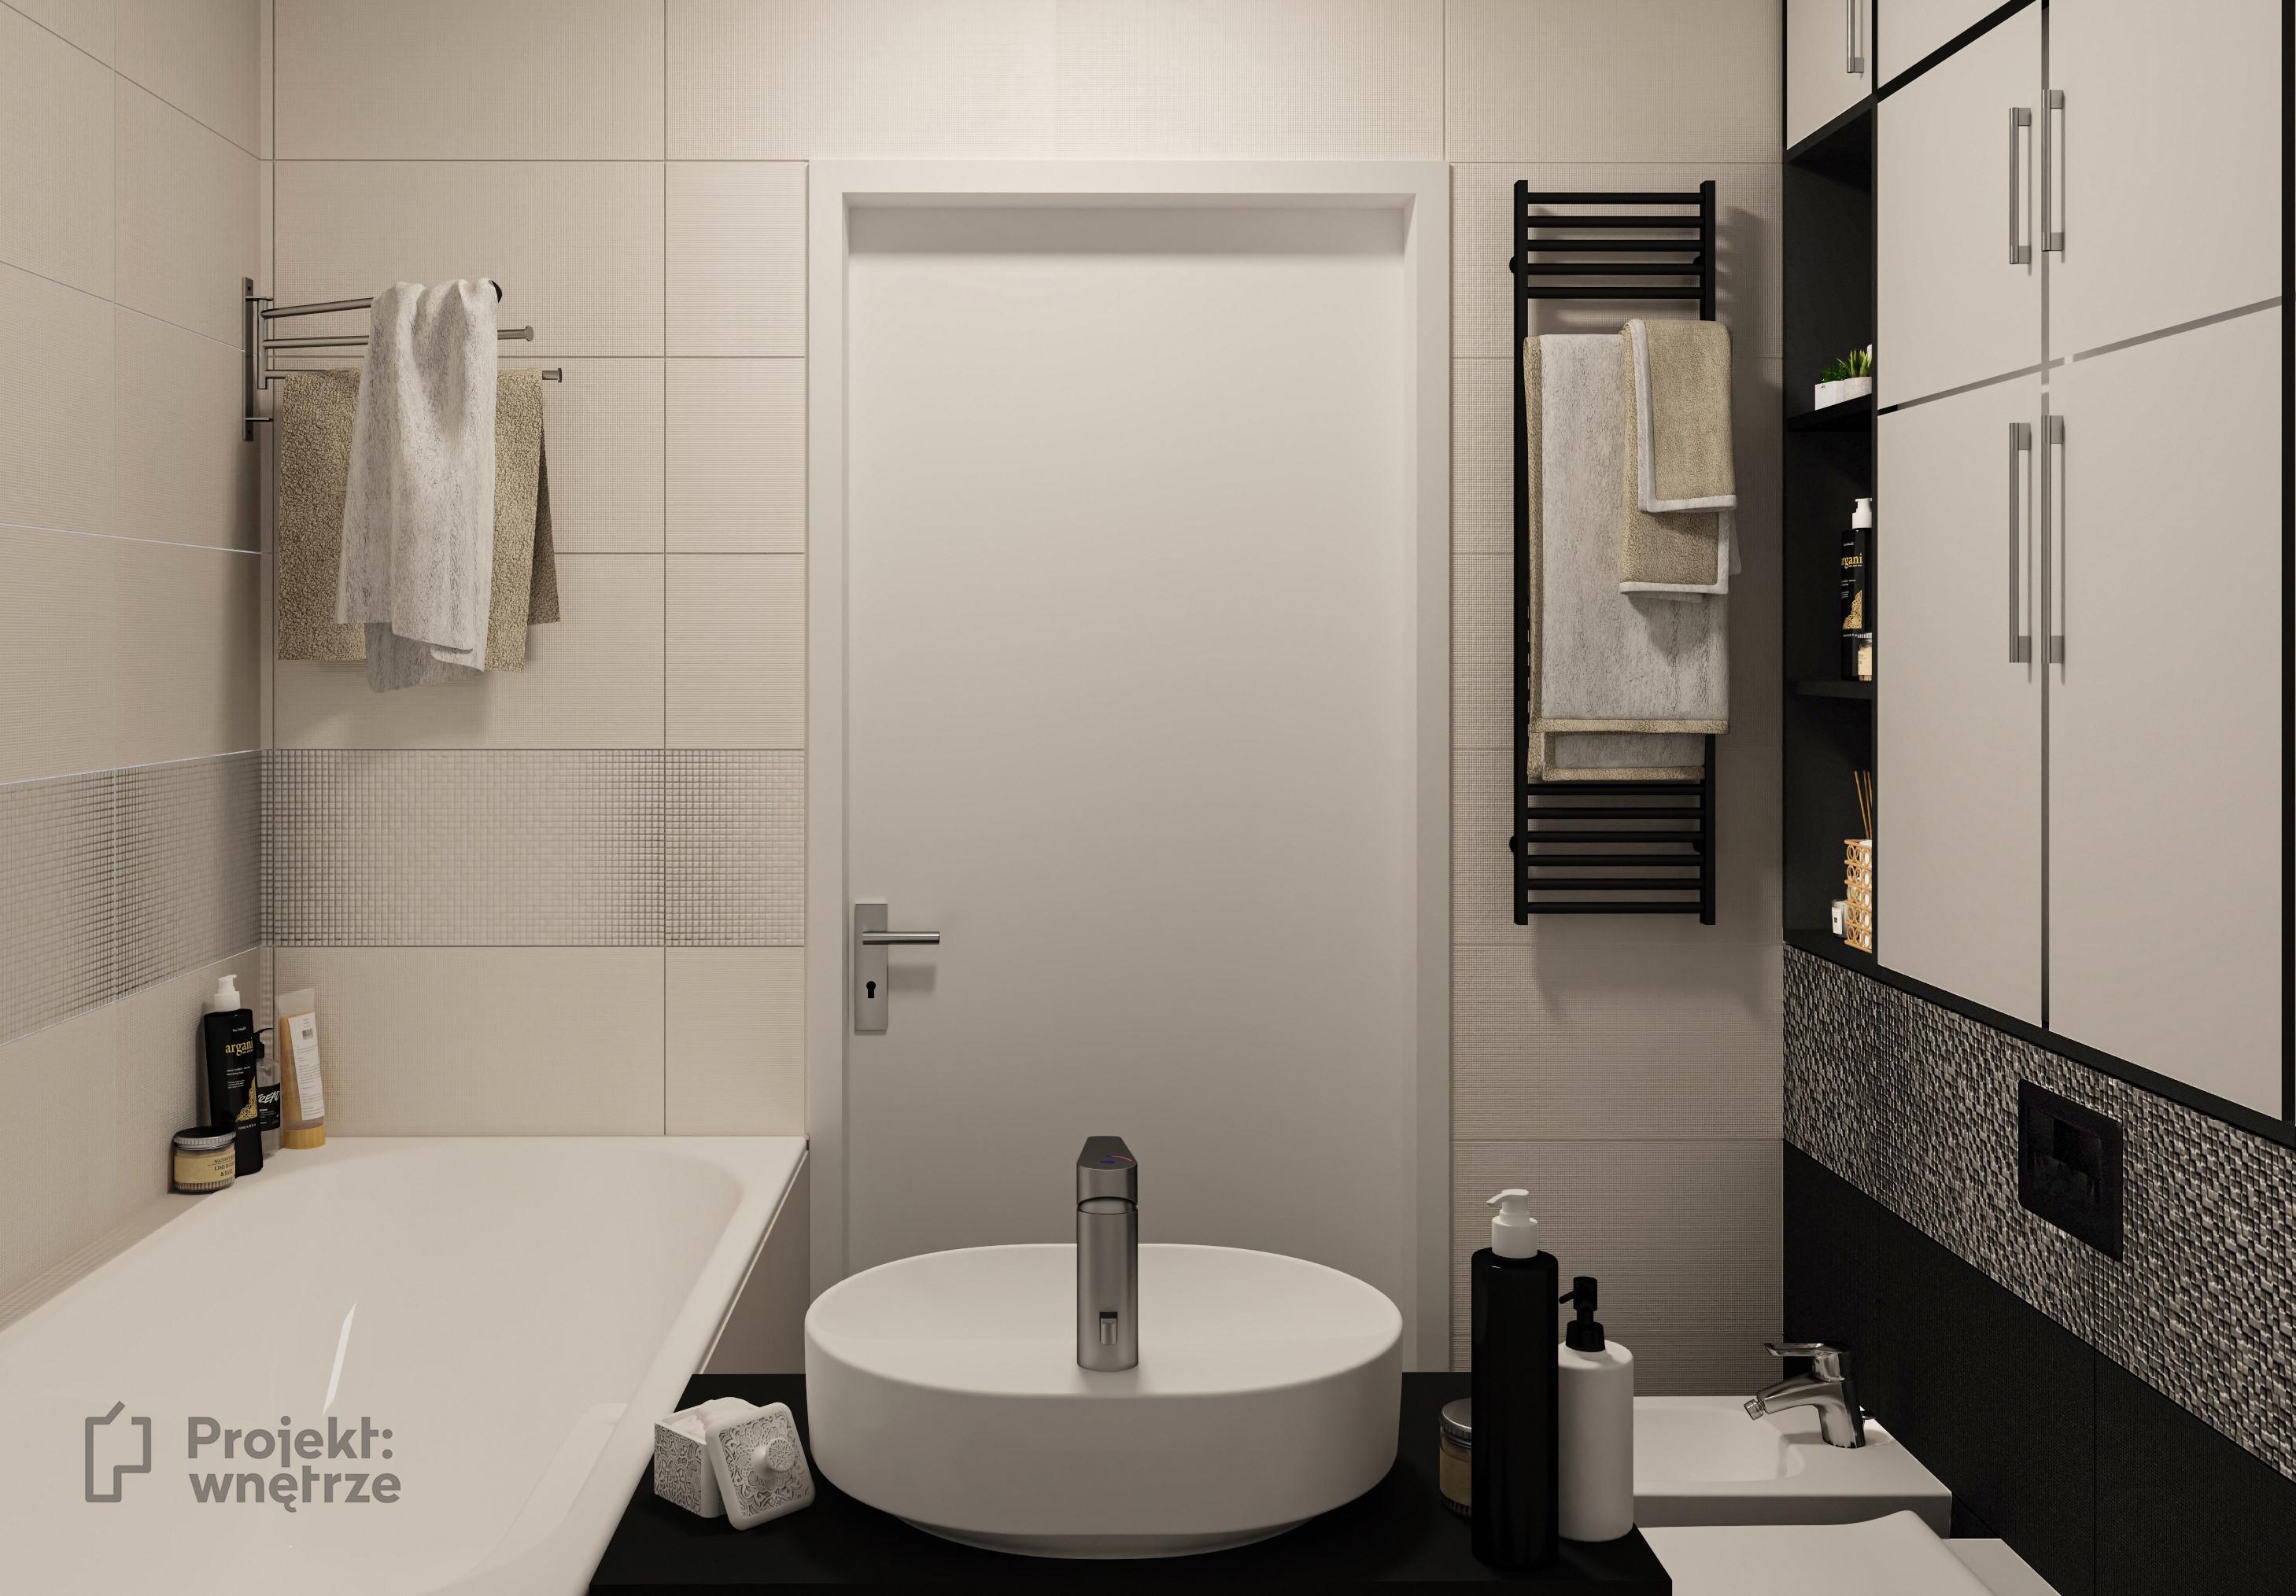 Projekt łazienki beż srebrny dekor czerń - mała łazienka z wanną - Projekt: wnętrze - projekty łazienek Warszawa online